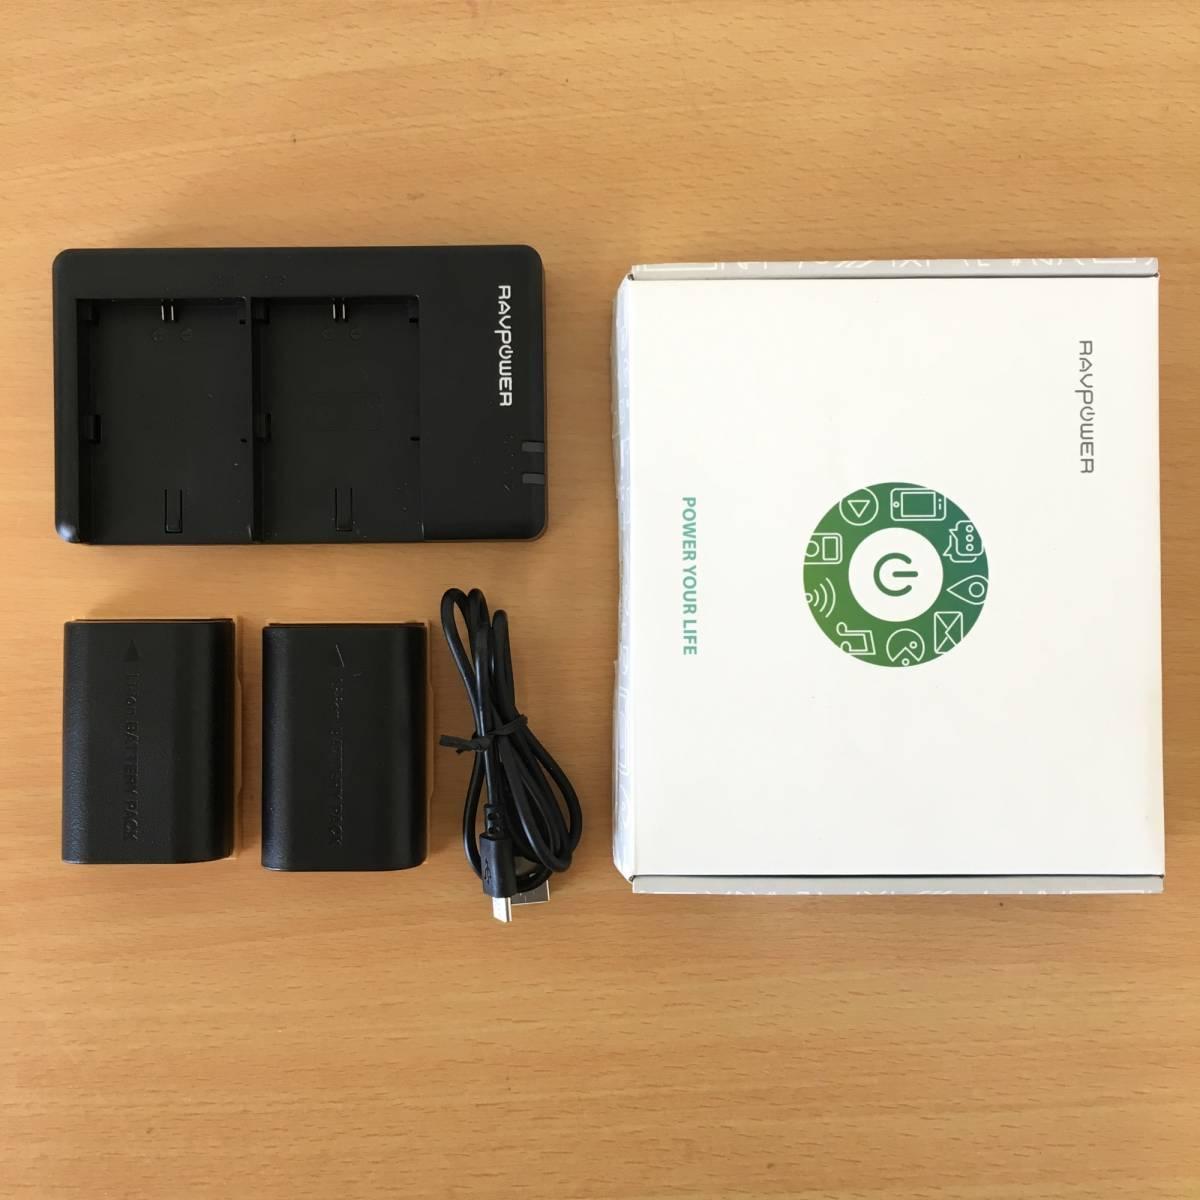 バッテリーパック RAVPower キャノン LP-E6 LP-E6N 互換バッテリー 2個 + 充電器 セット ( 大容量 2000mAh USB 急速充電 ) EOS 5D Mark IV